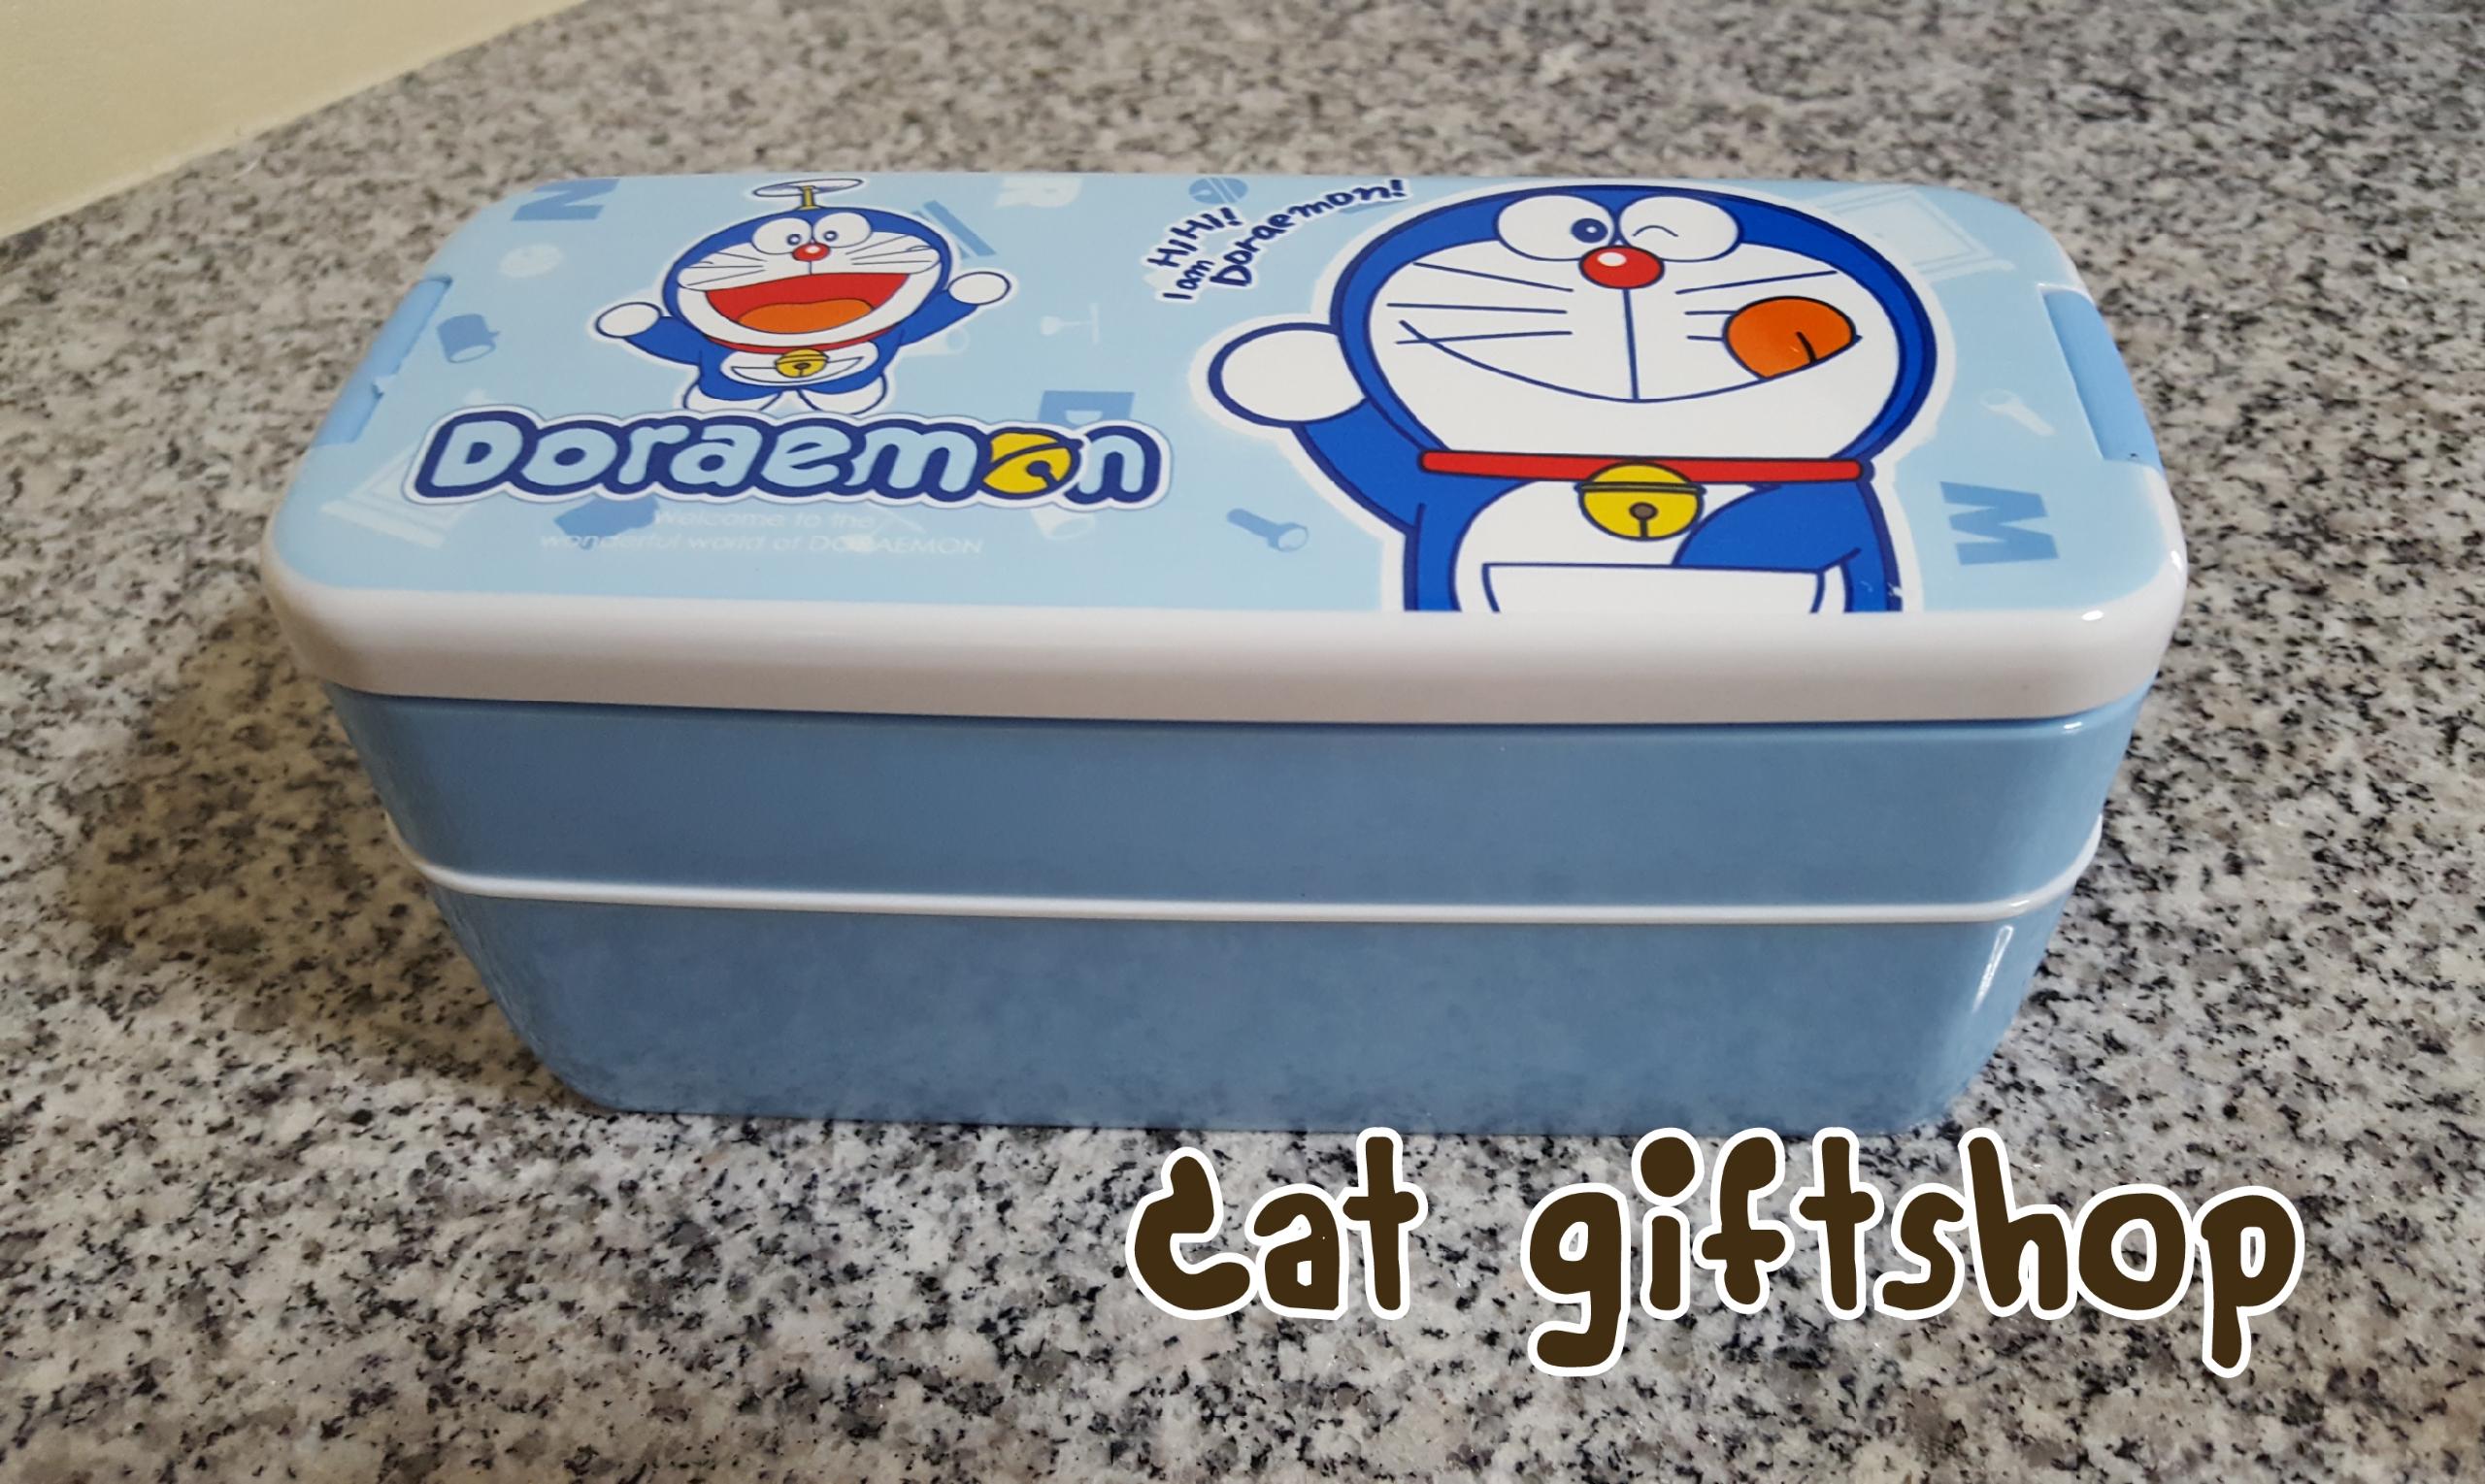 พร้อมส่ง :: กล่องข้าว 2 ชั้น แถมช้อน ลาย Doraemon